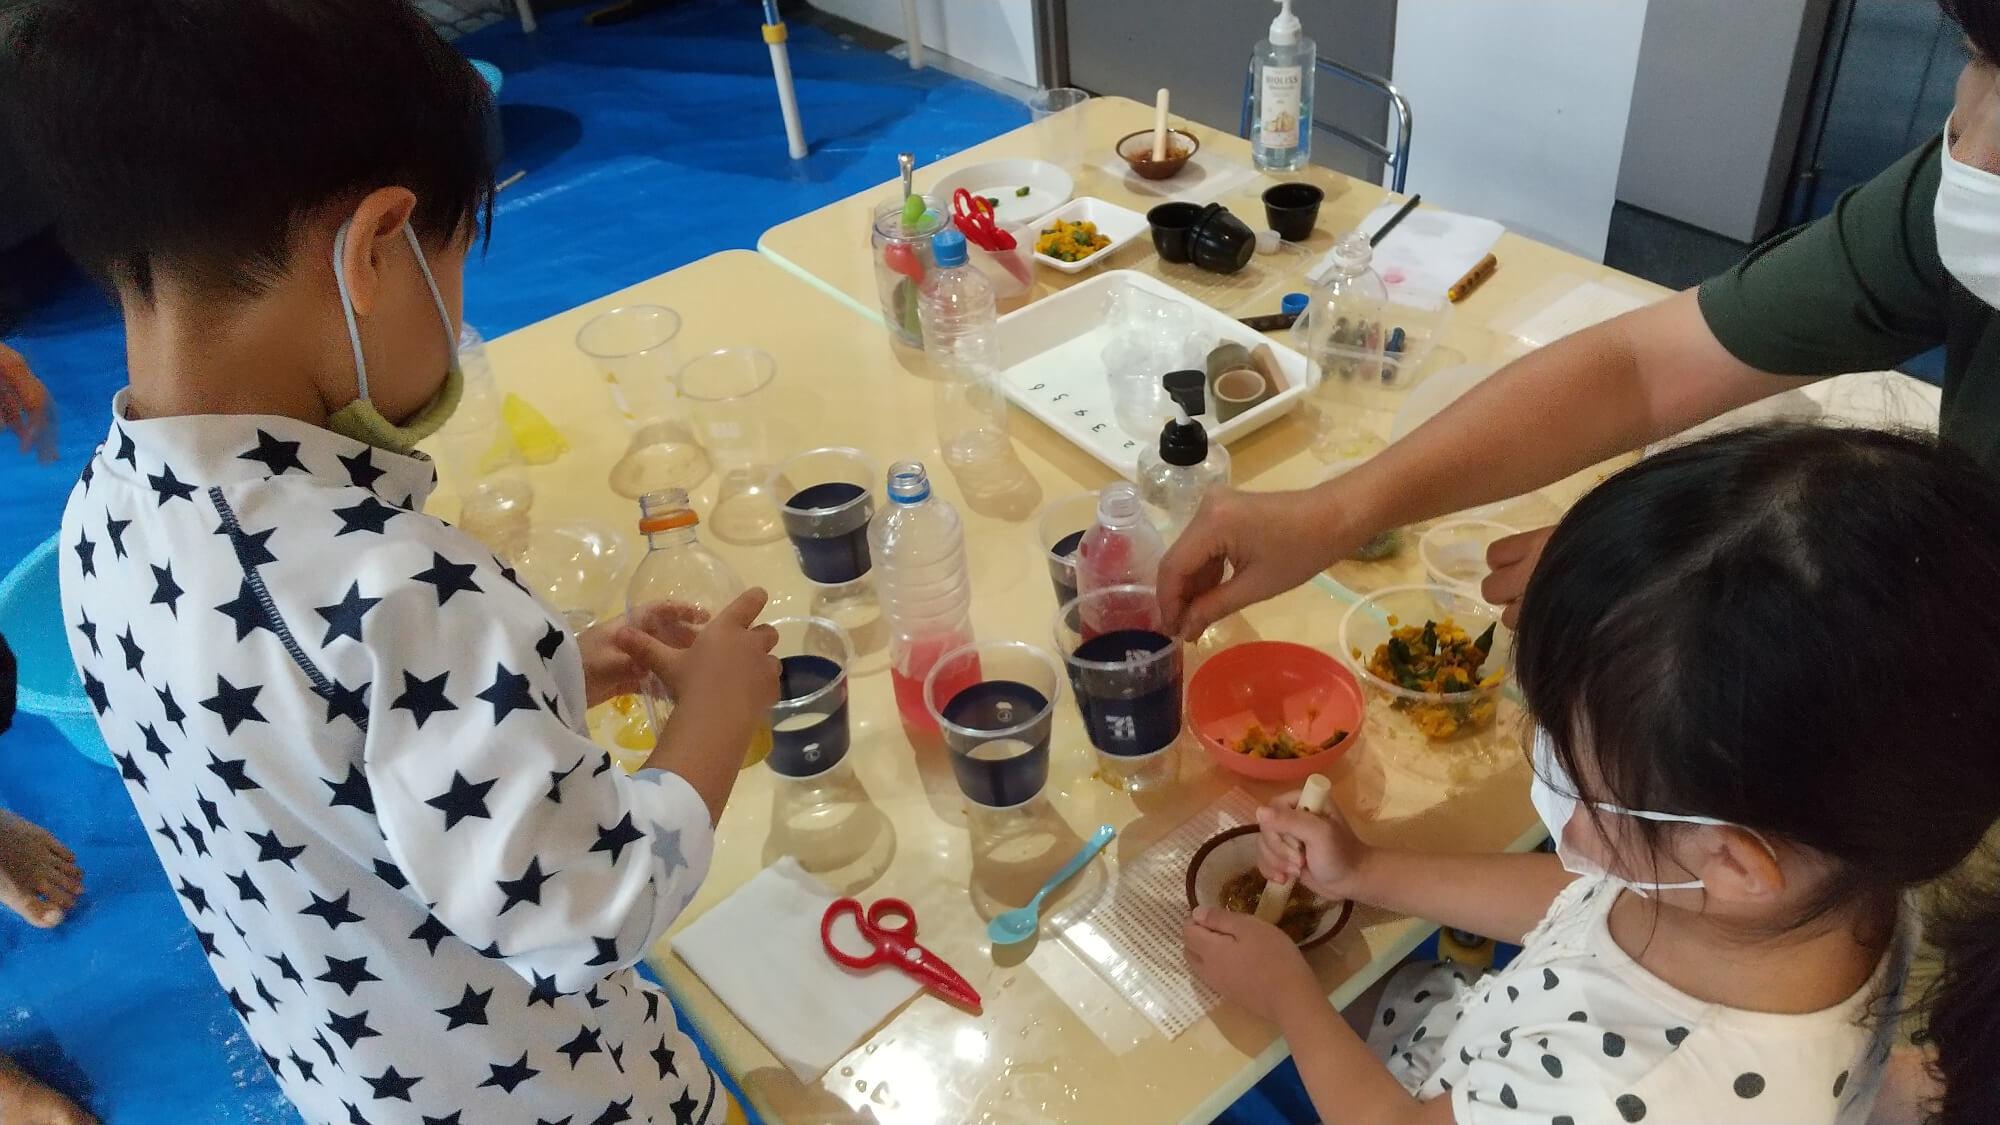 食紅から色水を作る子どもたち